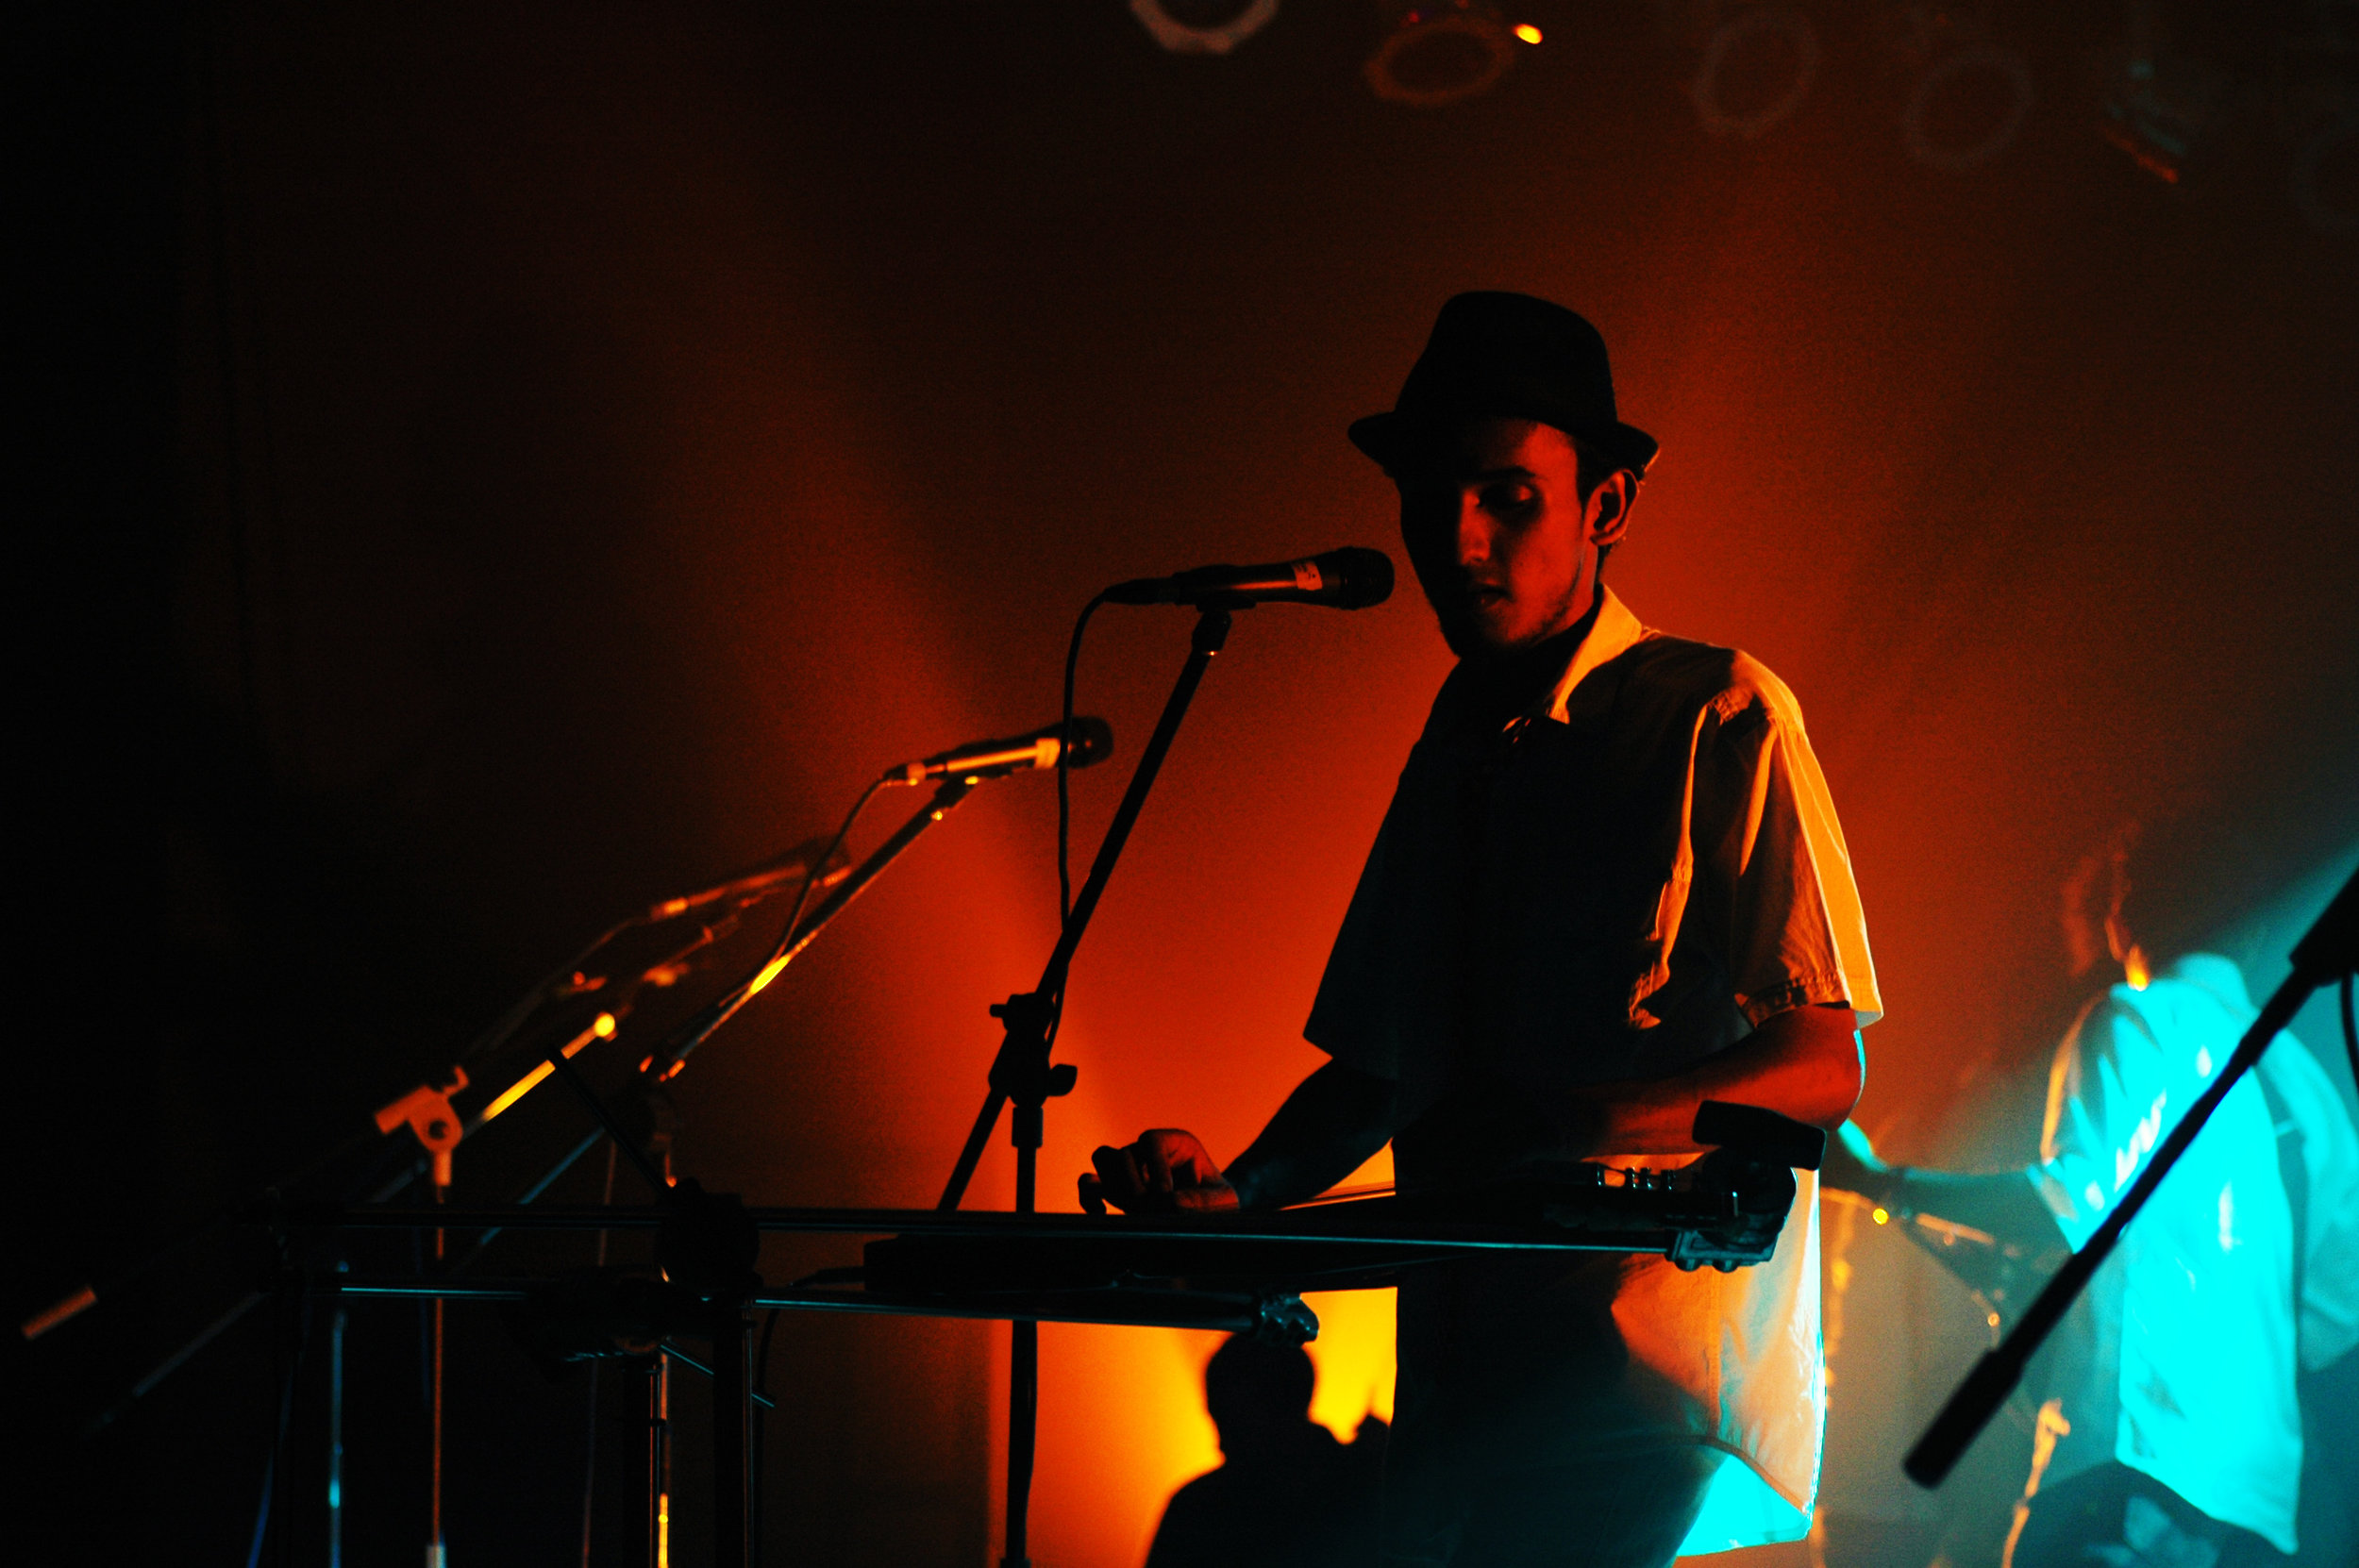 2009-08-19 - Male' City - Dharubaaruge' - Eku Ekee Album Launch - D70s-8038.jpg